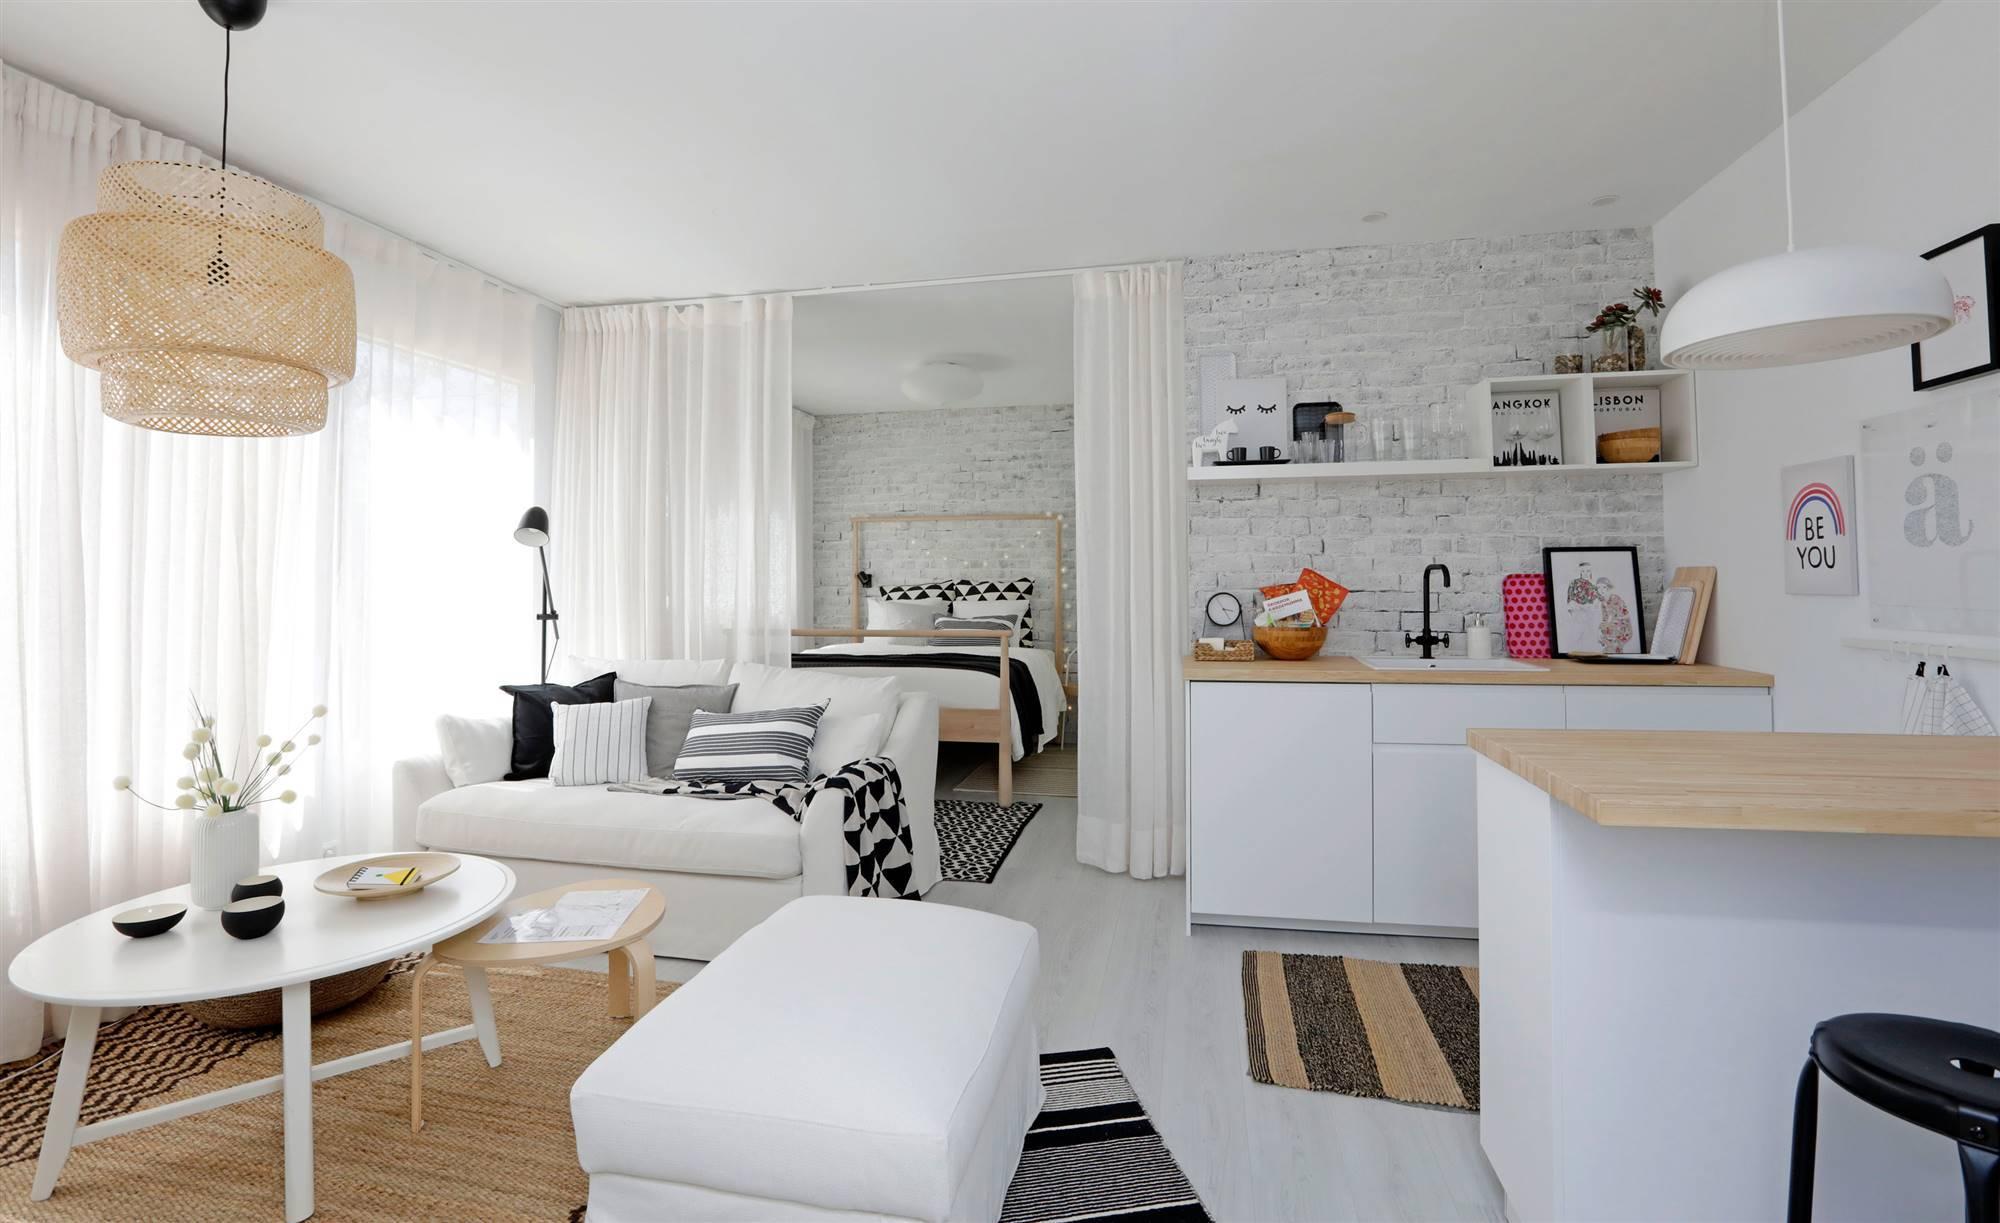 CASAIKEA002. Un apartamento de 35 m2 en clave nórdica